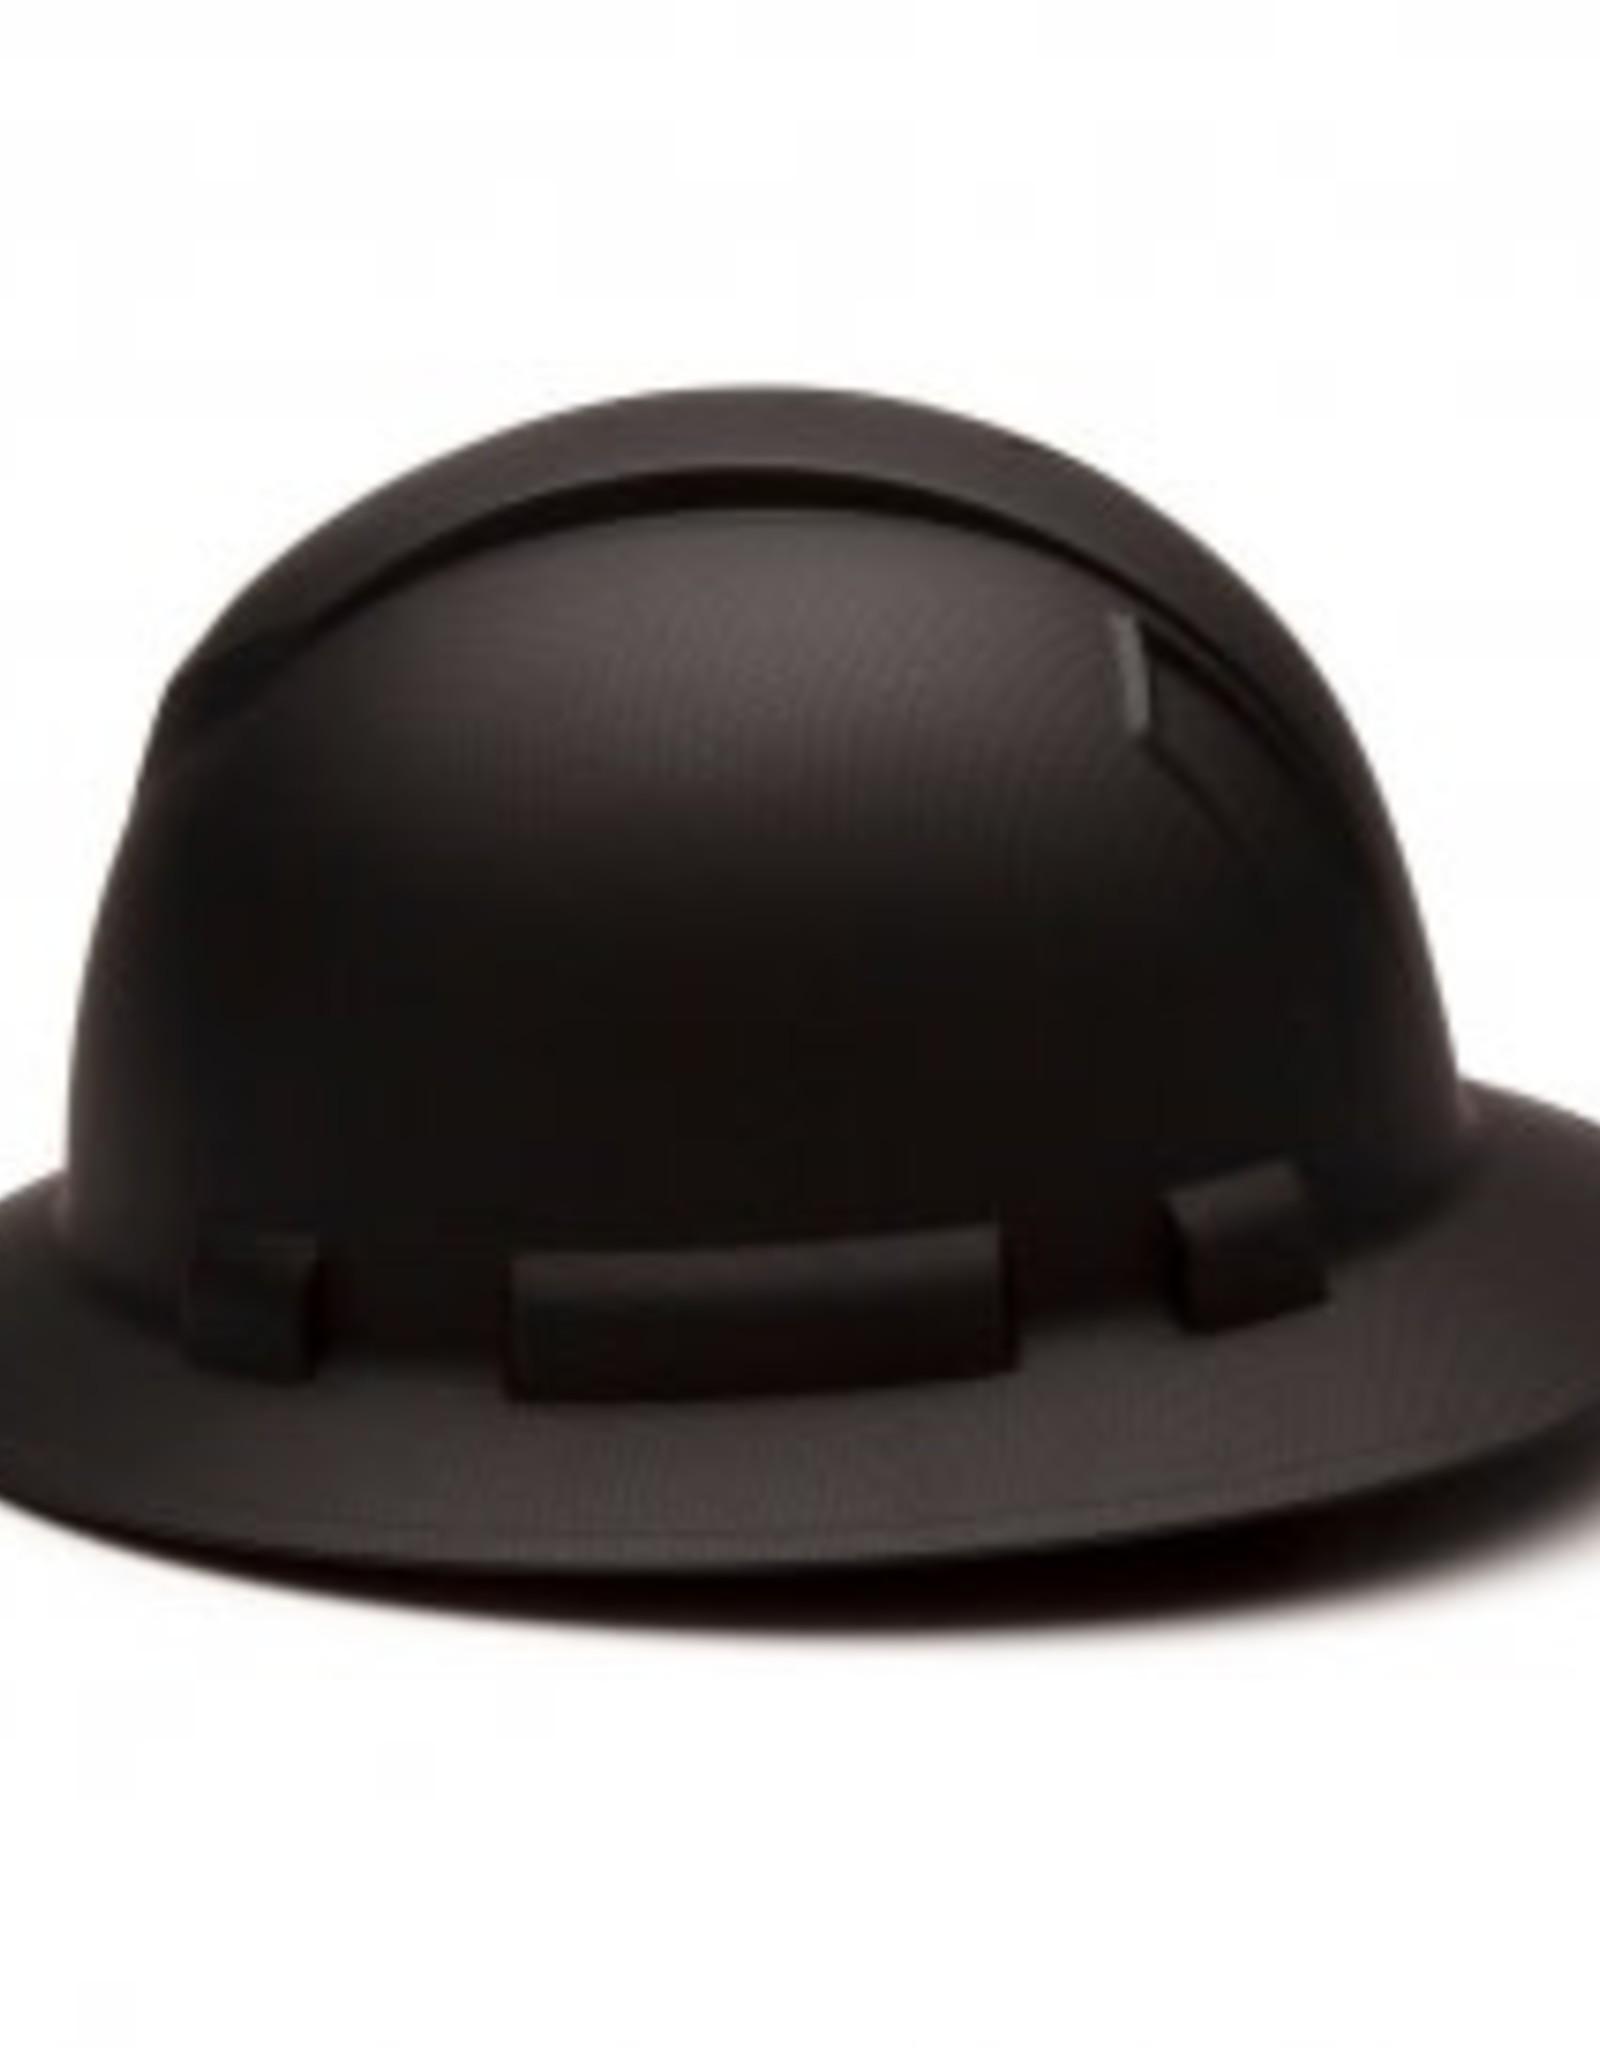 Pyramex Ridgeline Full Brim Hard Hat - 4 Point Ratchet Matte Black Graphite Pattern